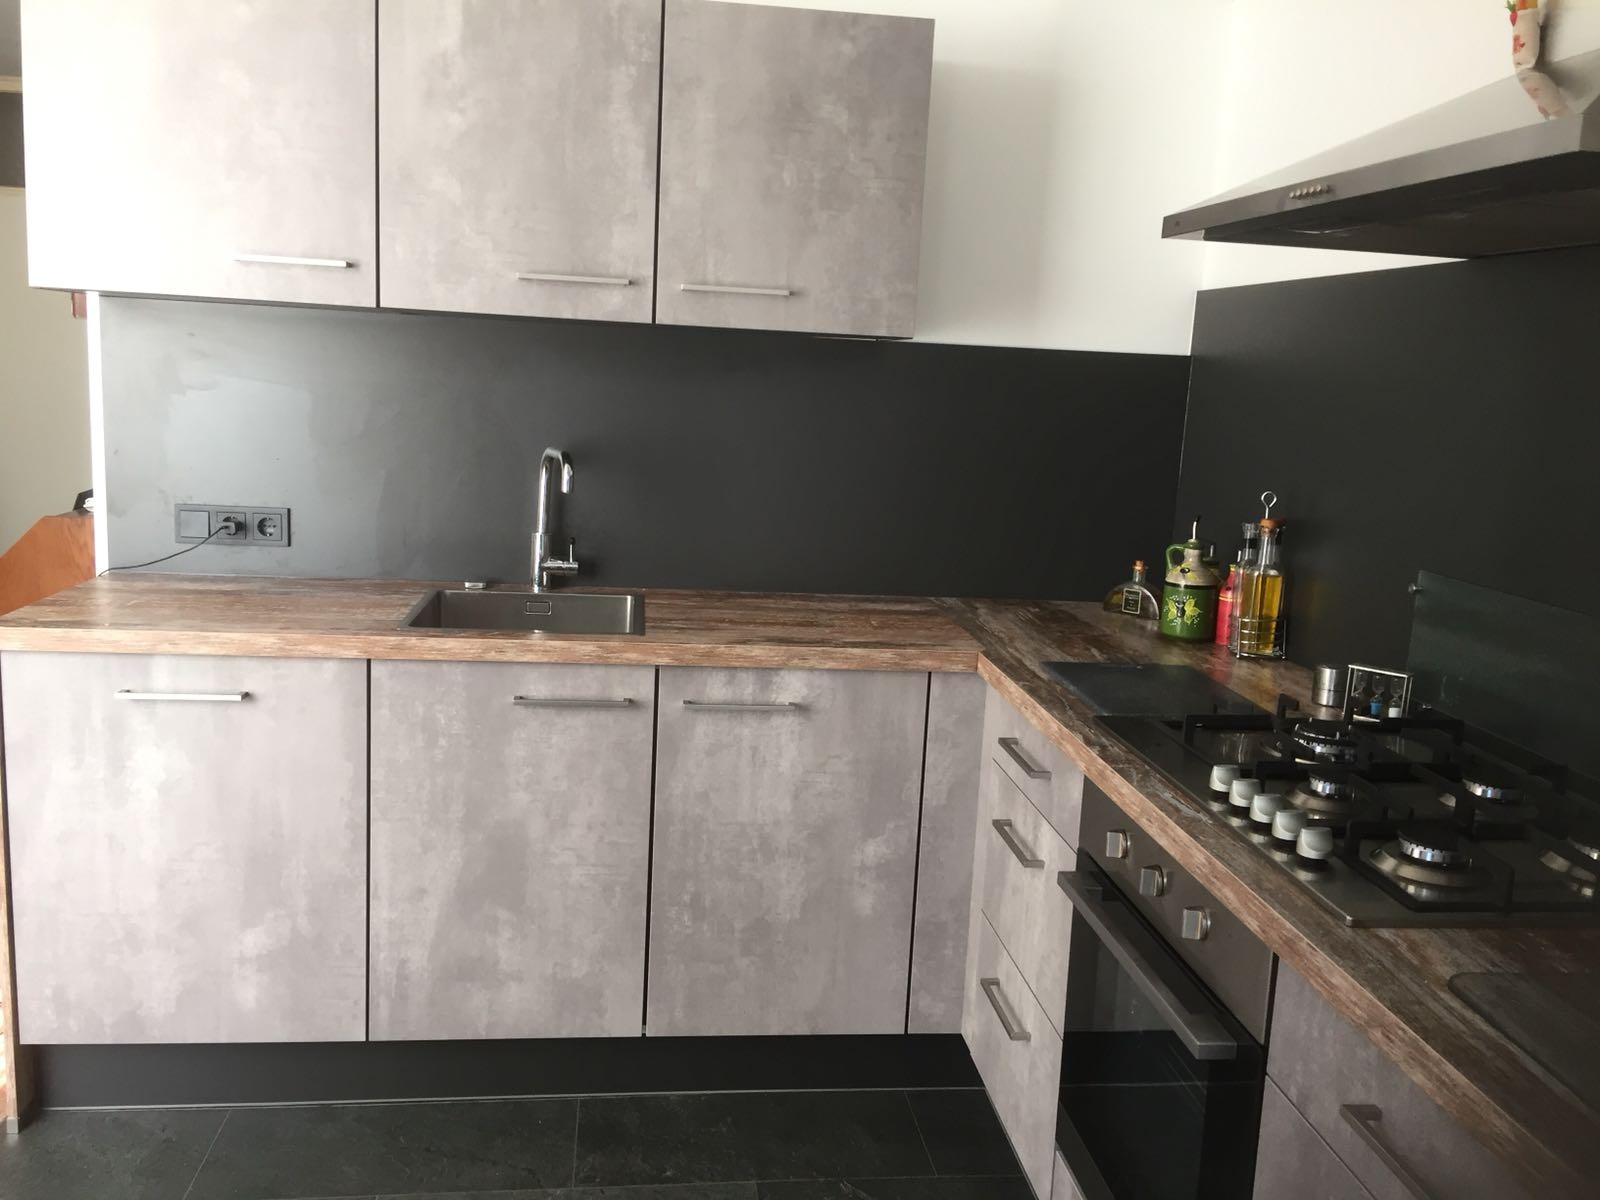 betonlook keuken met houtlook werkblad naar tevredenheid opgeleverd door Keukenmatch Sittard